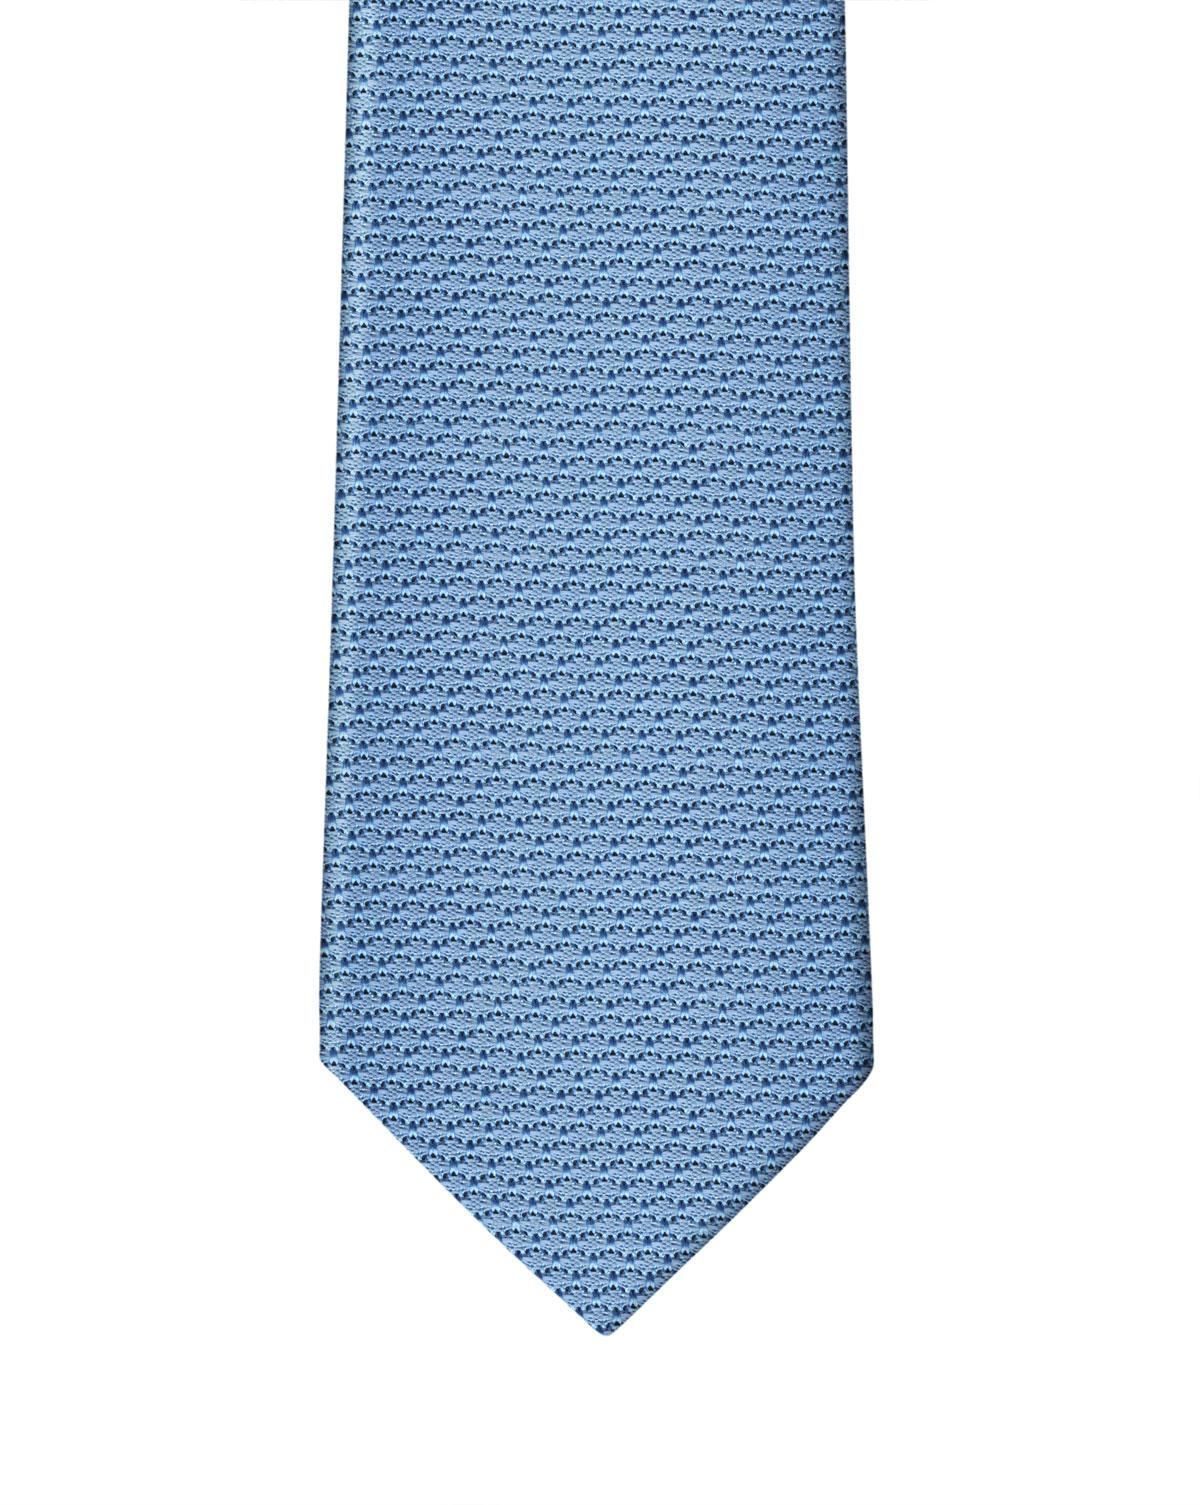 Cornflower Blue Grenadine Necktie